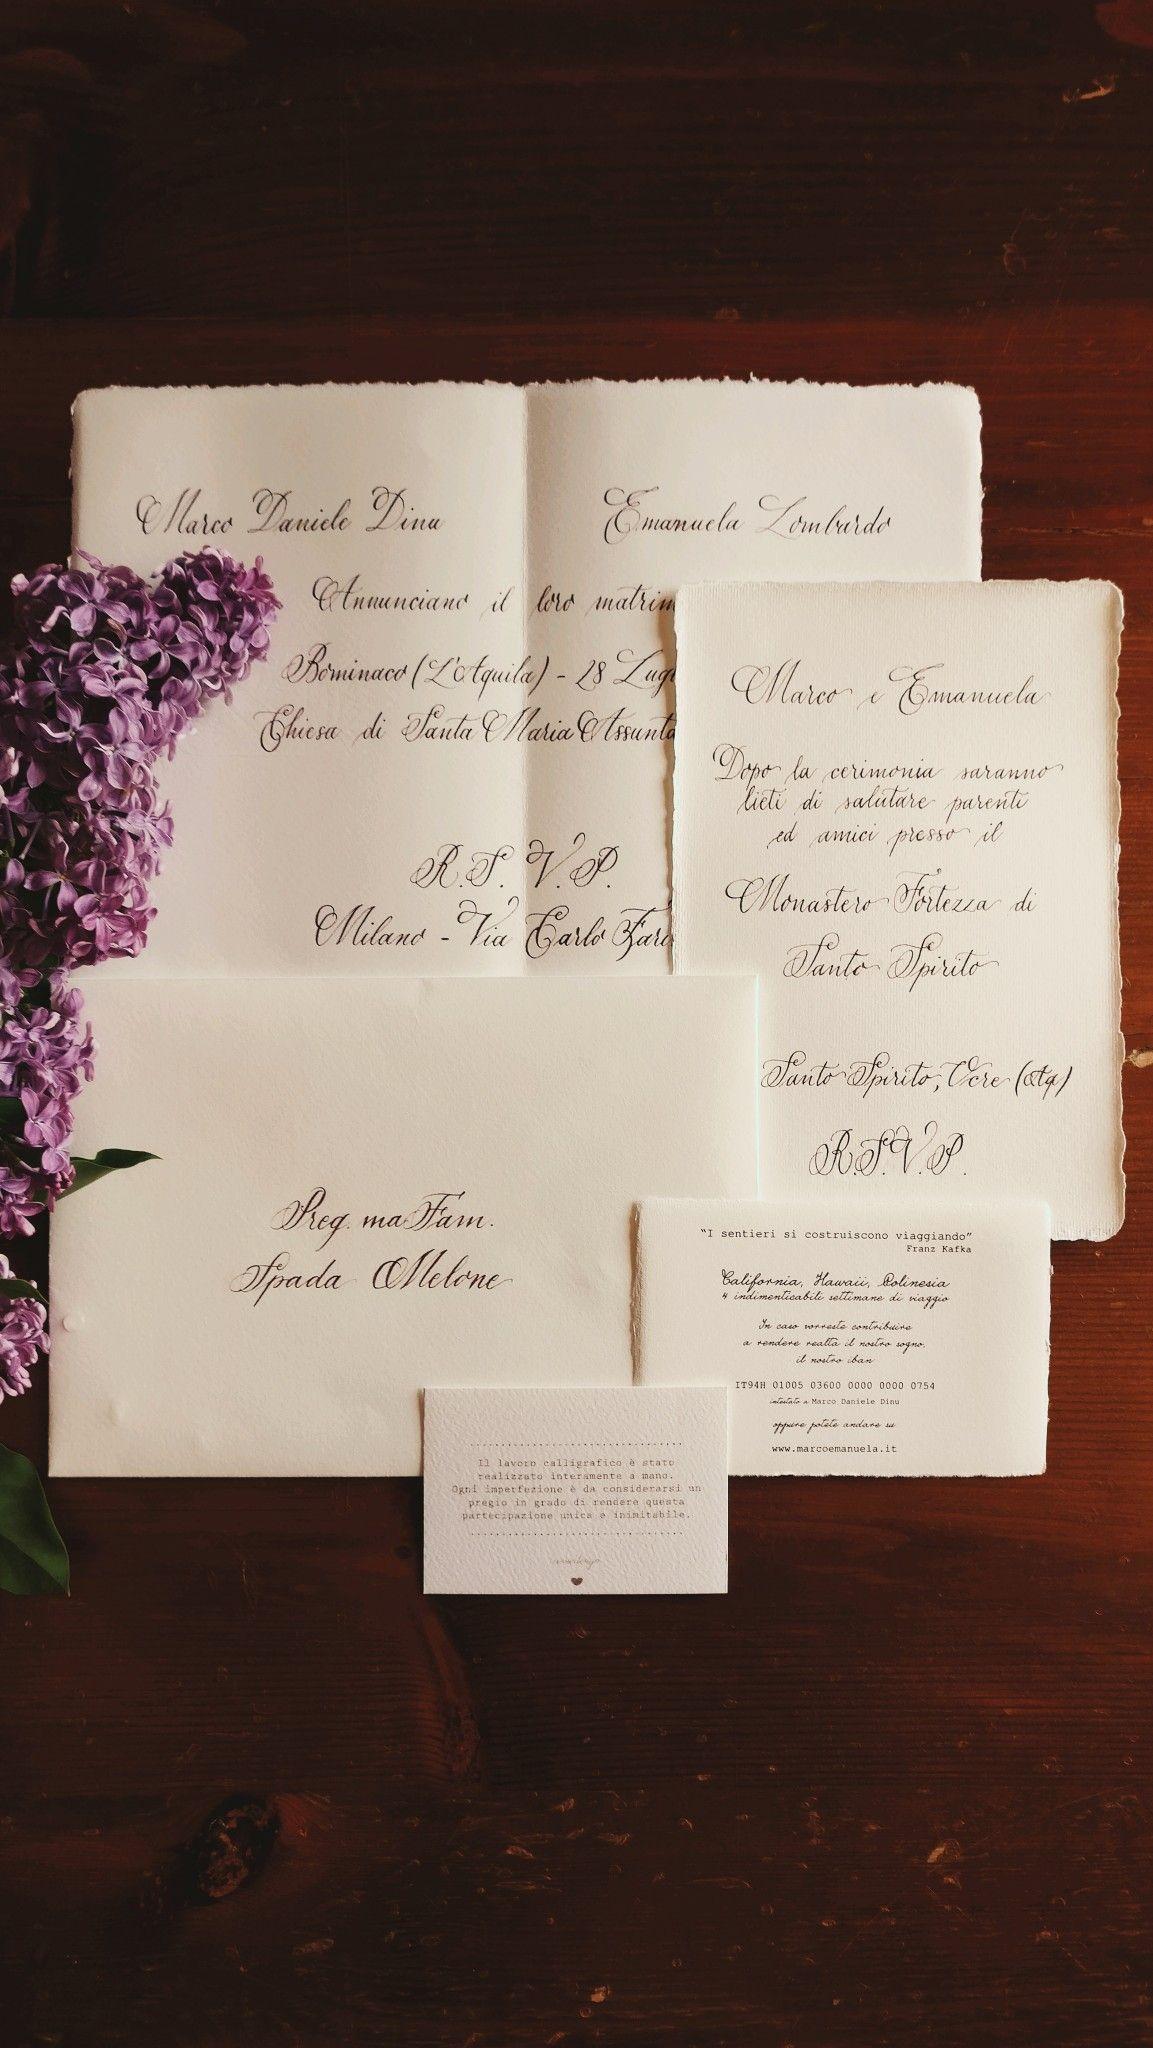 Partecipazioni Matrimonio Scritte.Partecipazioni Scritte A Mano Con Pennino Calligrafico Su Carta